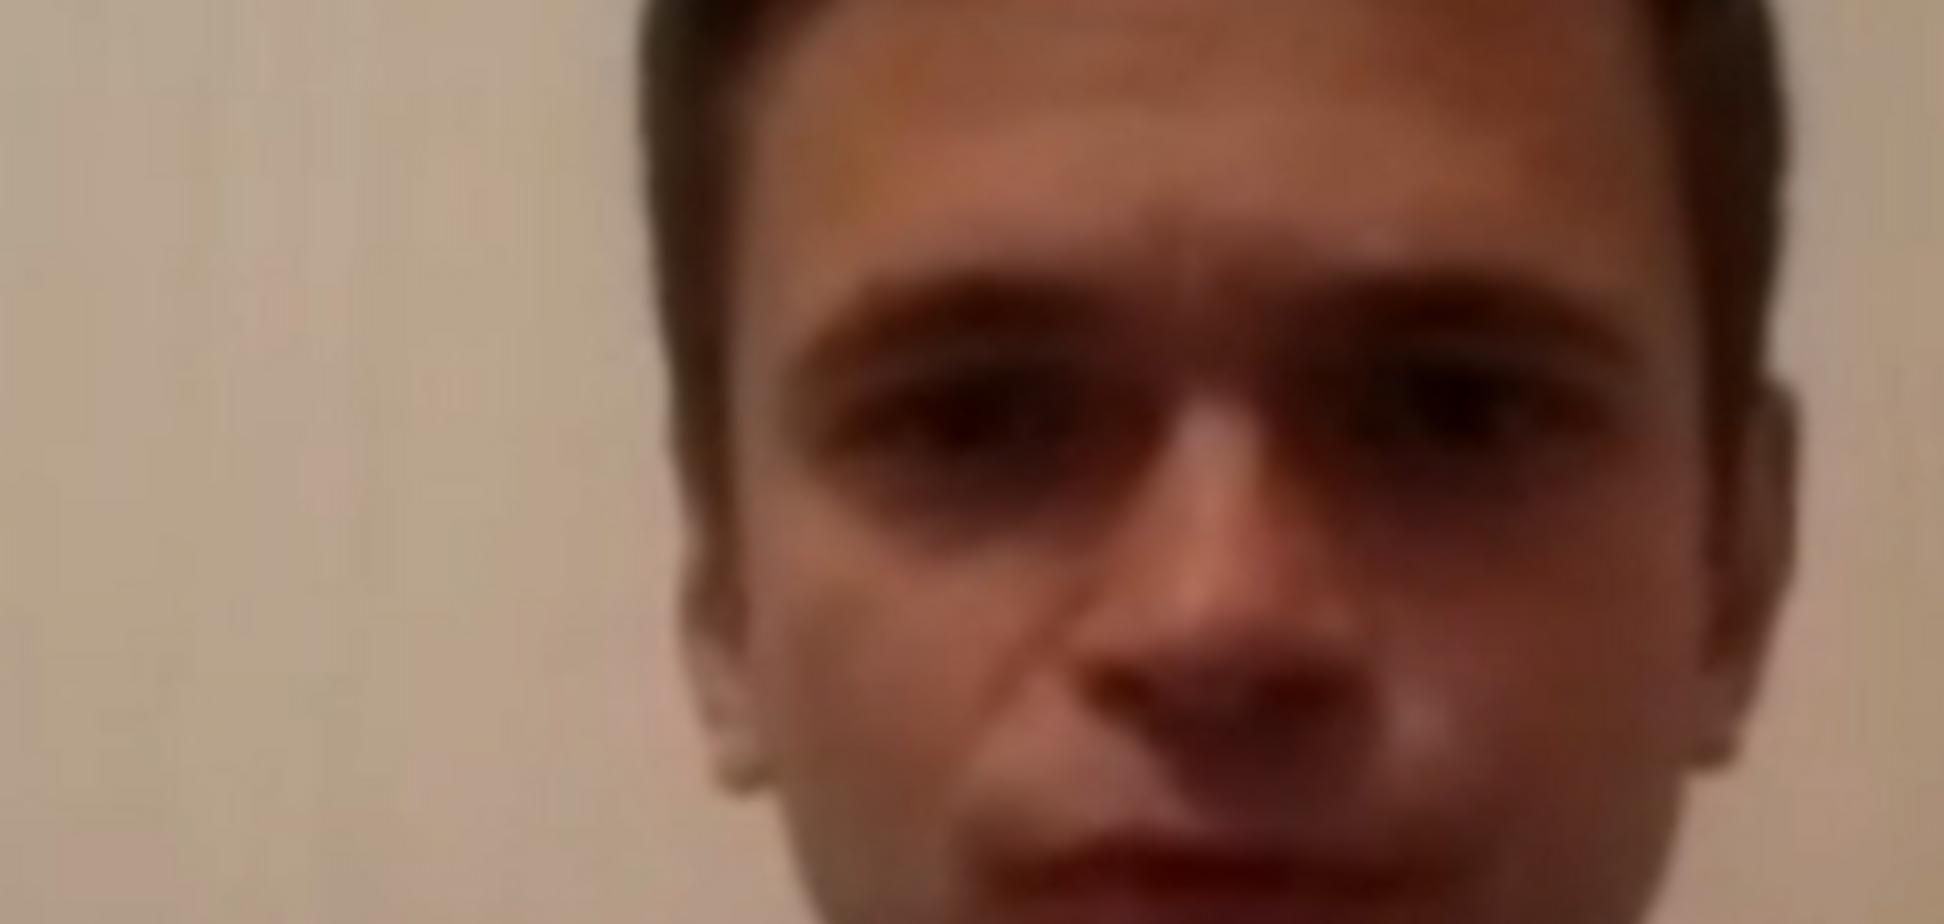 Яшин посоветовал допросить Путина по делу об убийстве Немцова